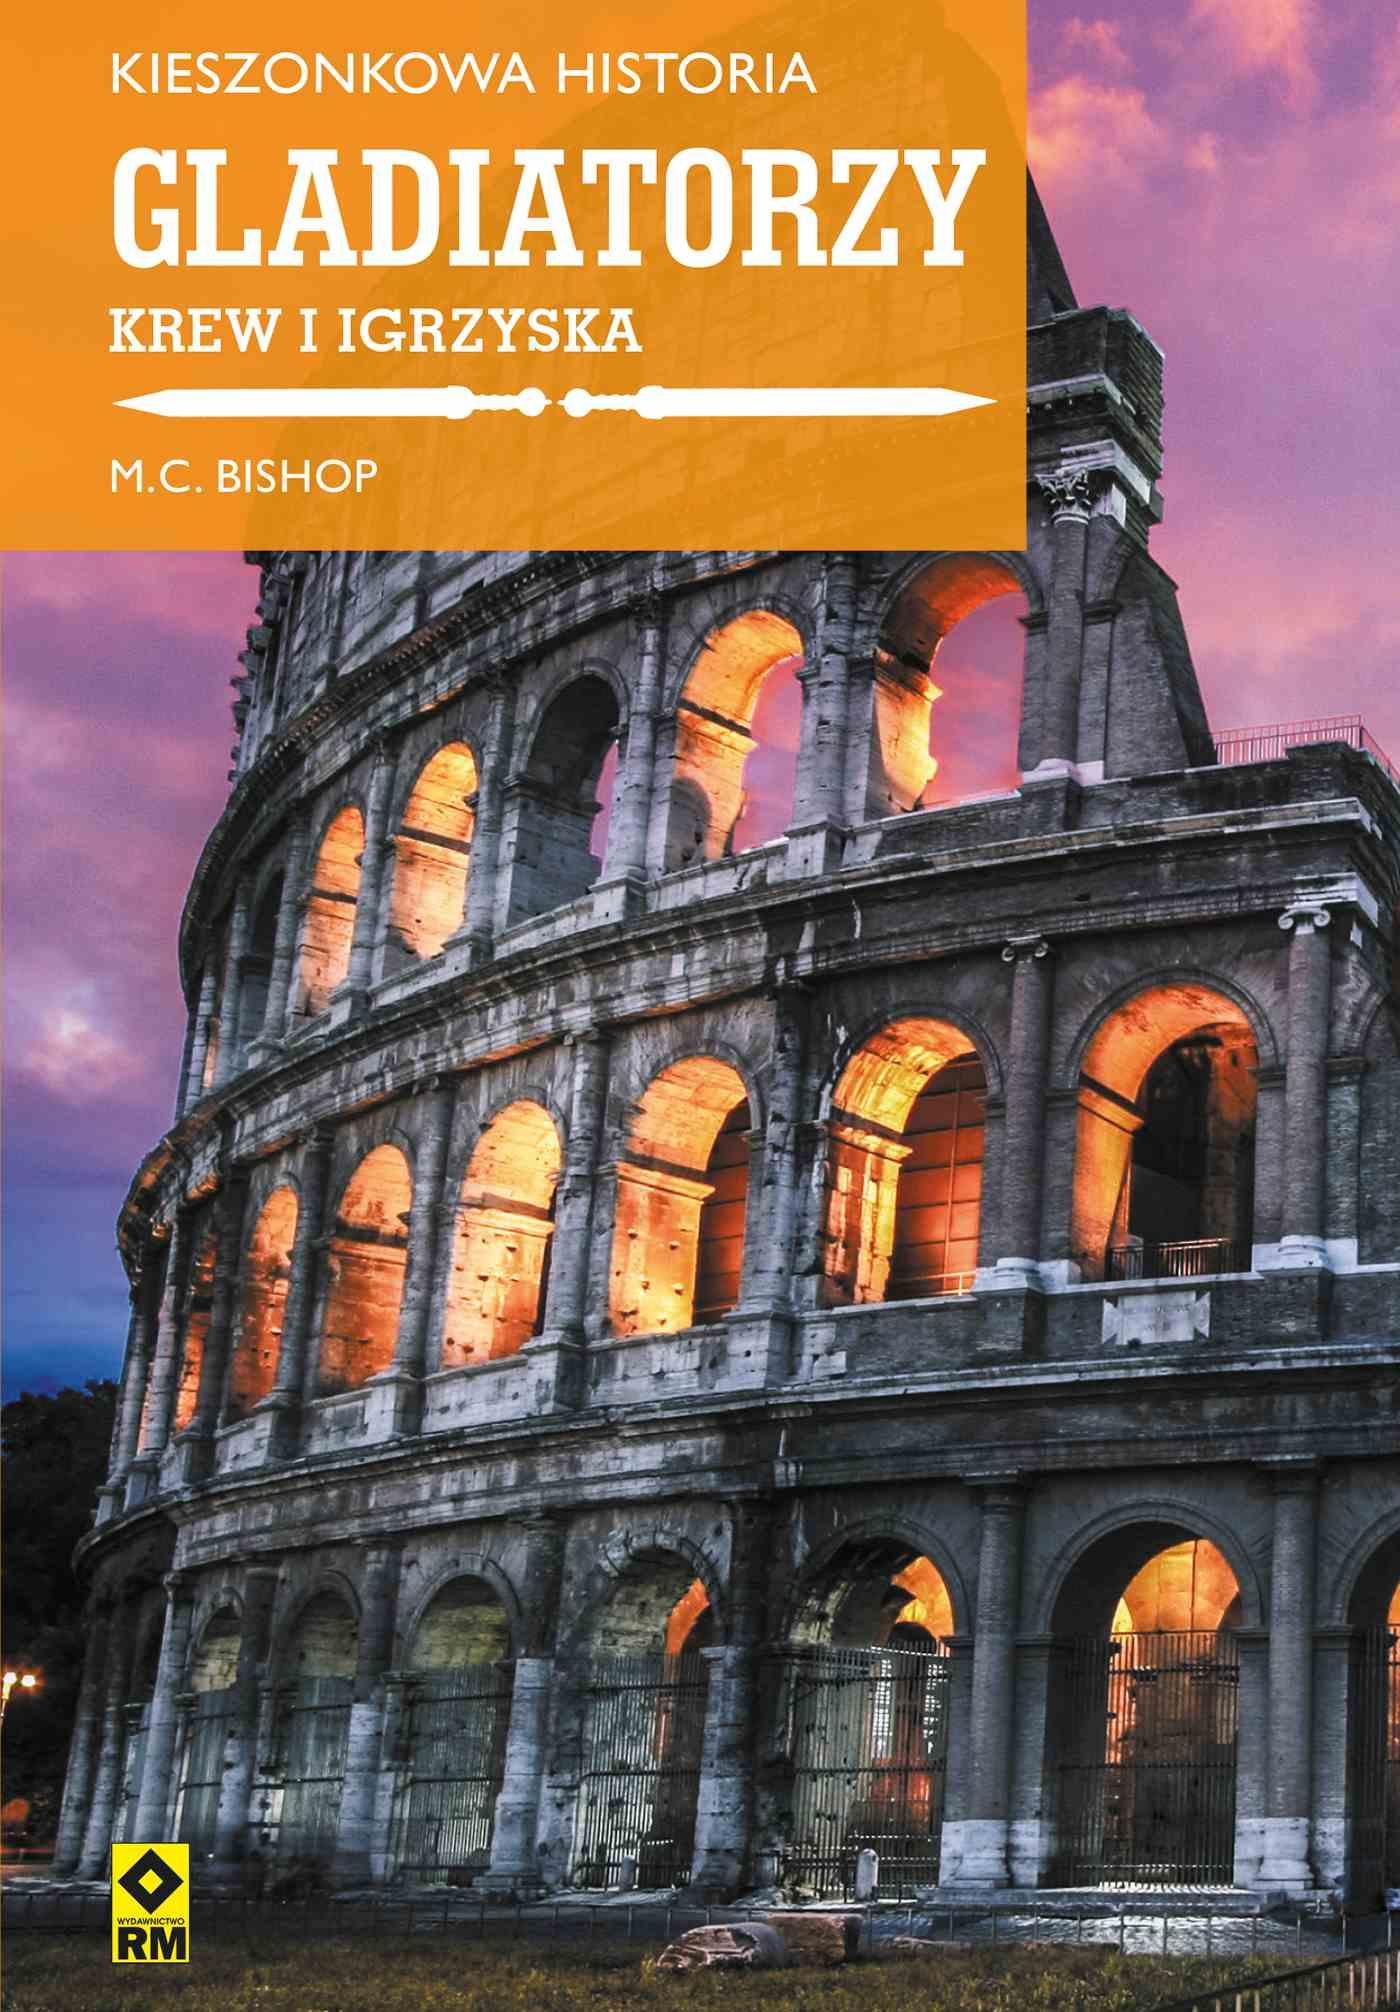 Gladiatorzy. Krew i igrzyska - Ebook (Książka EPUB) do pobrania w formacie EPUB